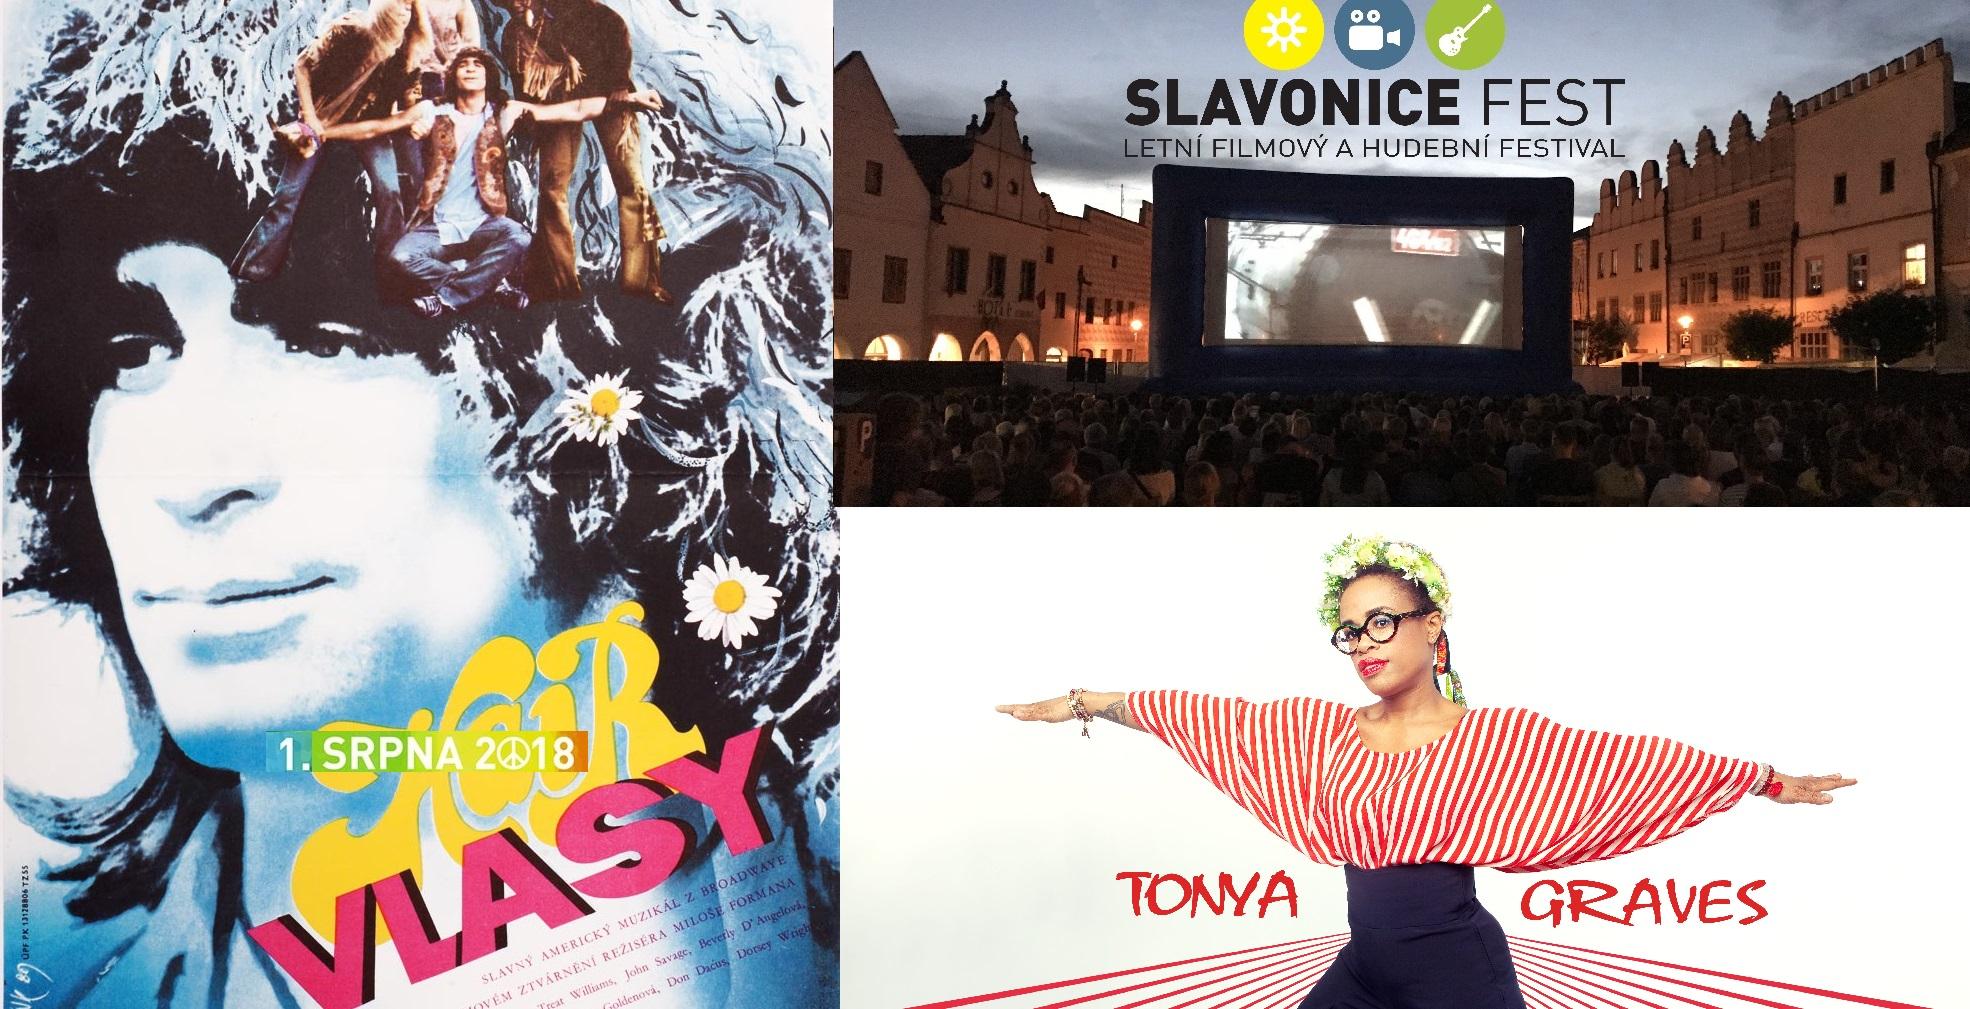 https://www.slavonicefest.cz/soubory/5/3/6/2972-udalost%20opening1.jpg